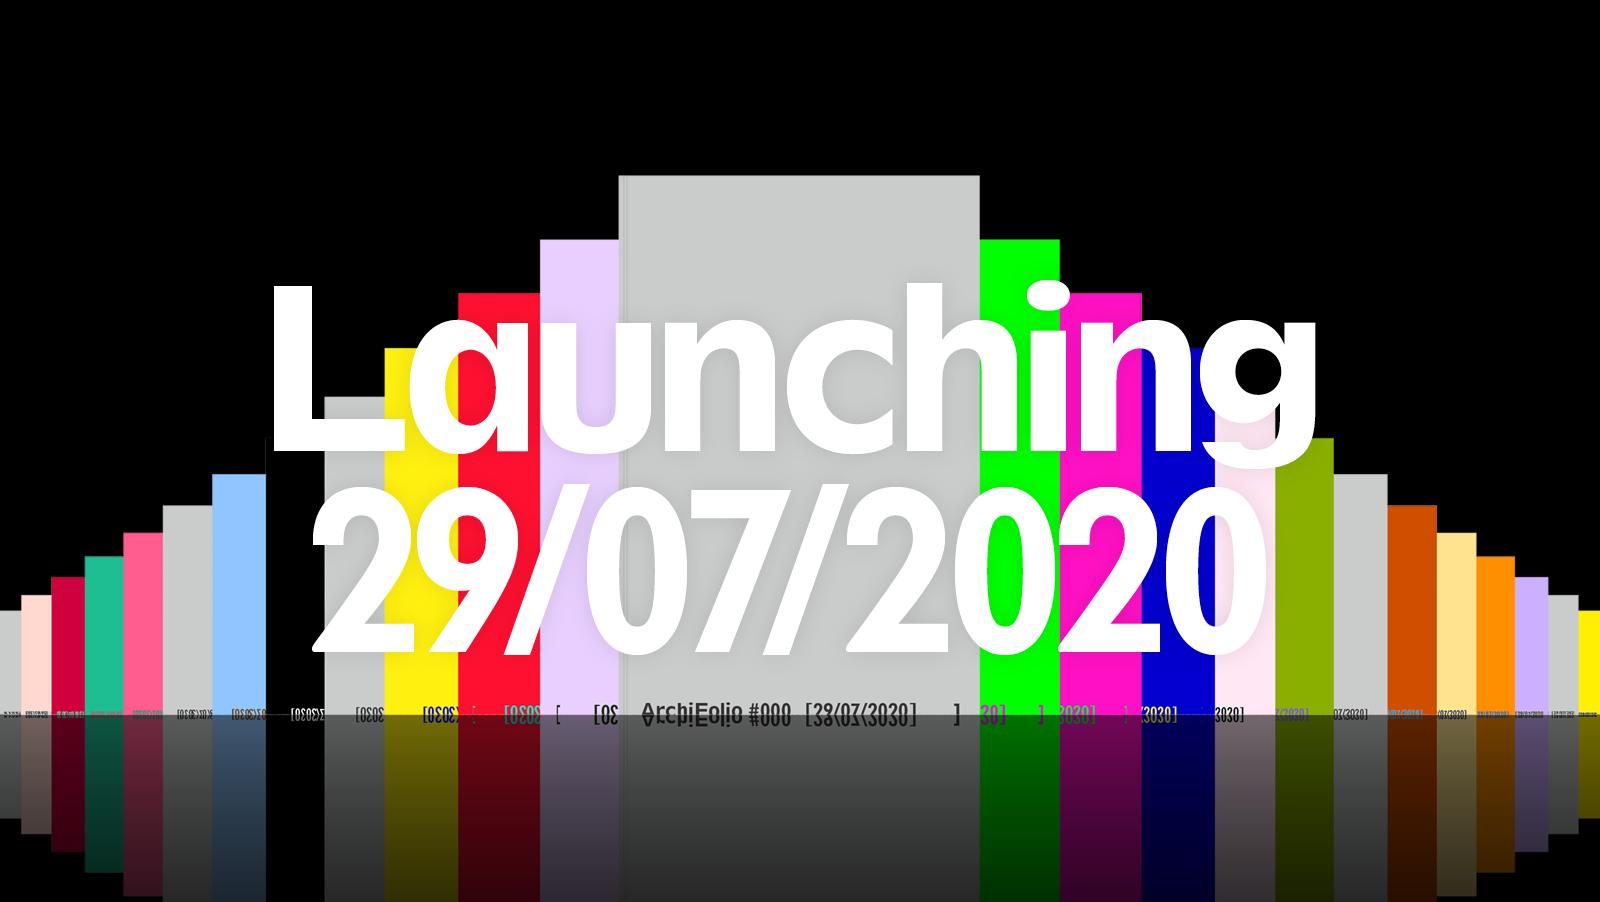 Folios launches 29/07/20